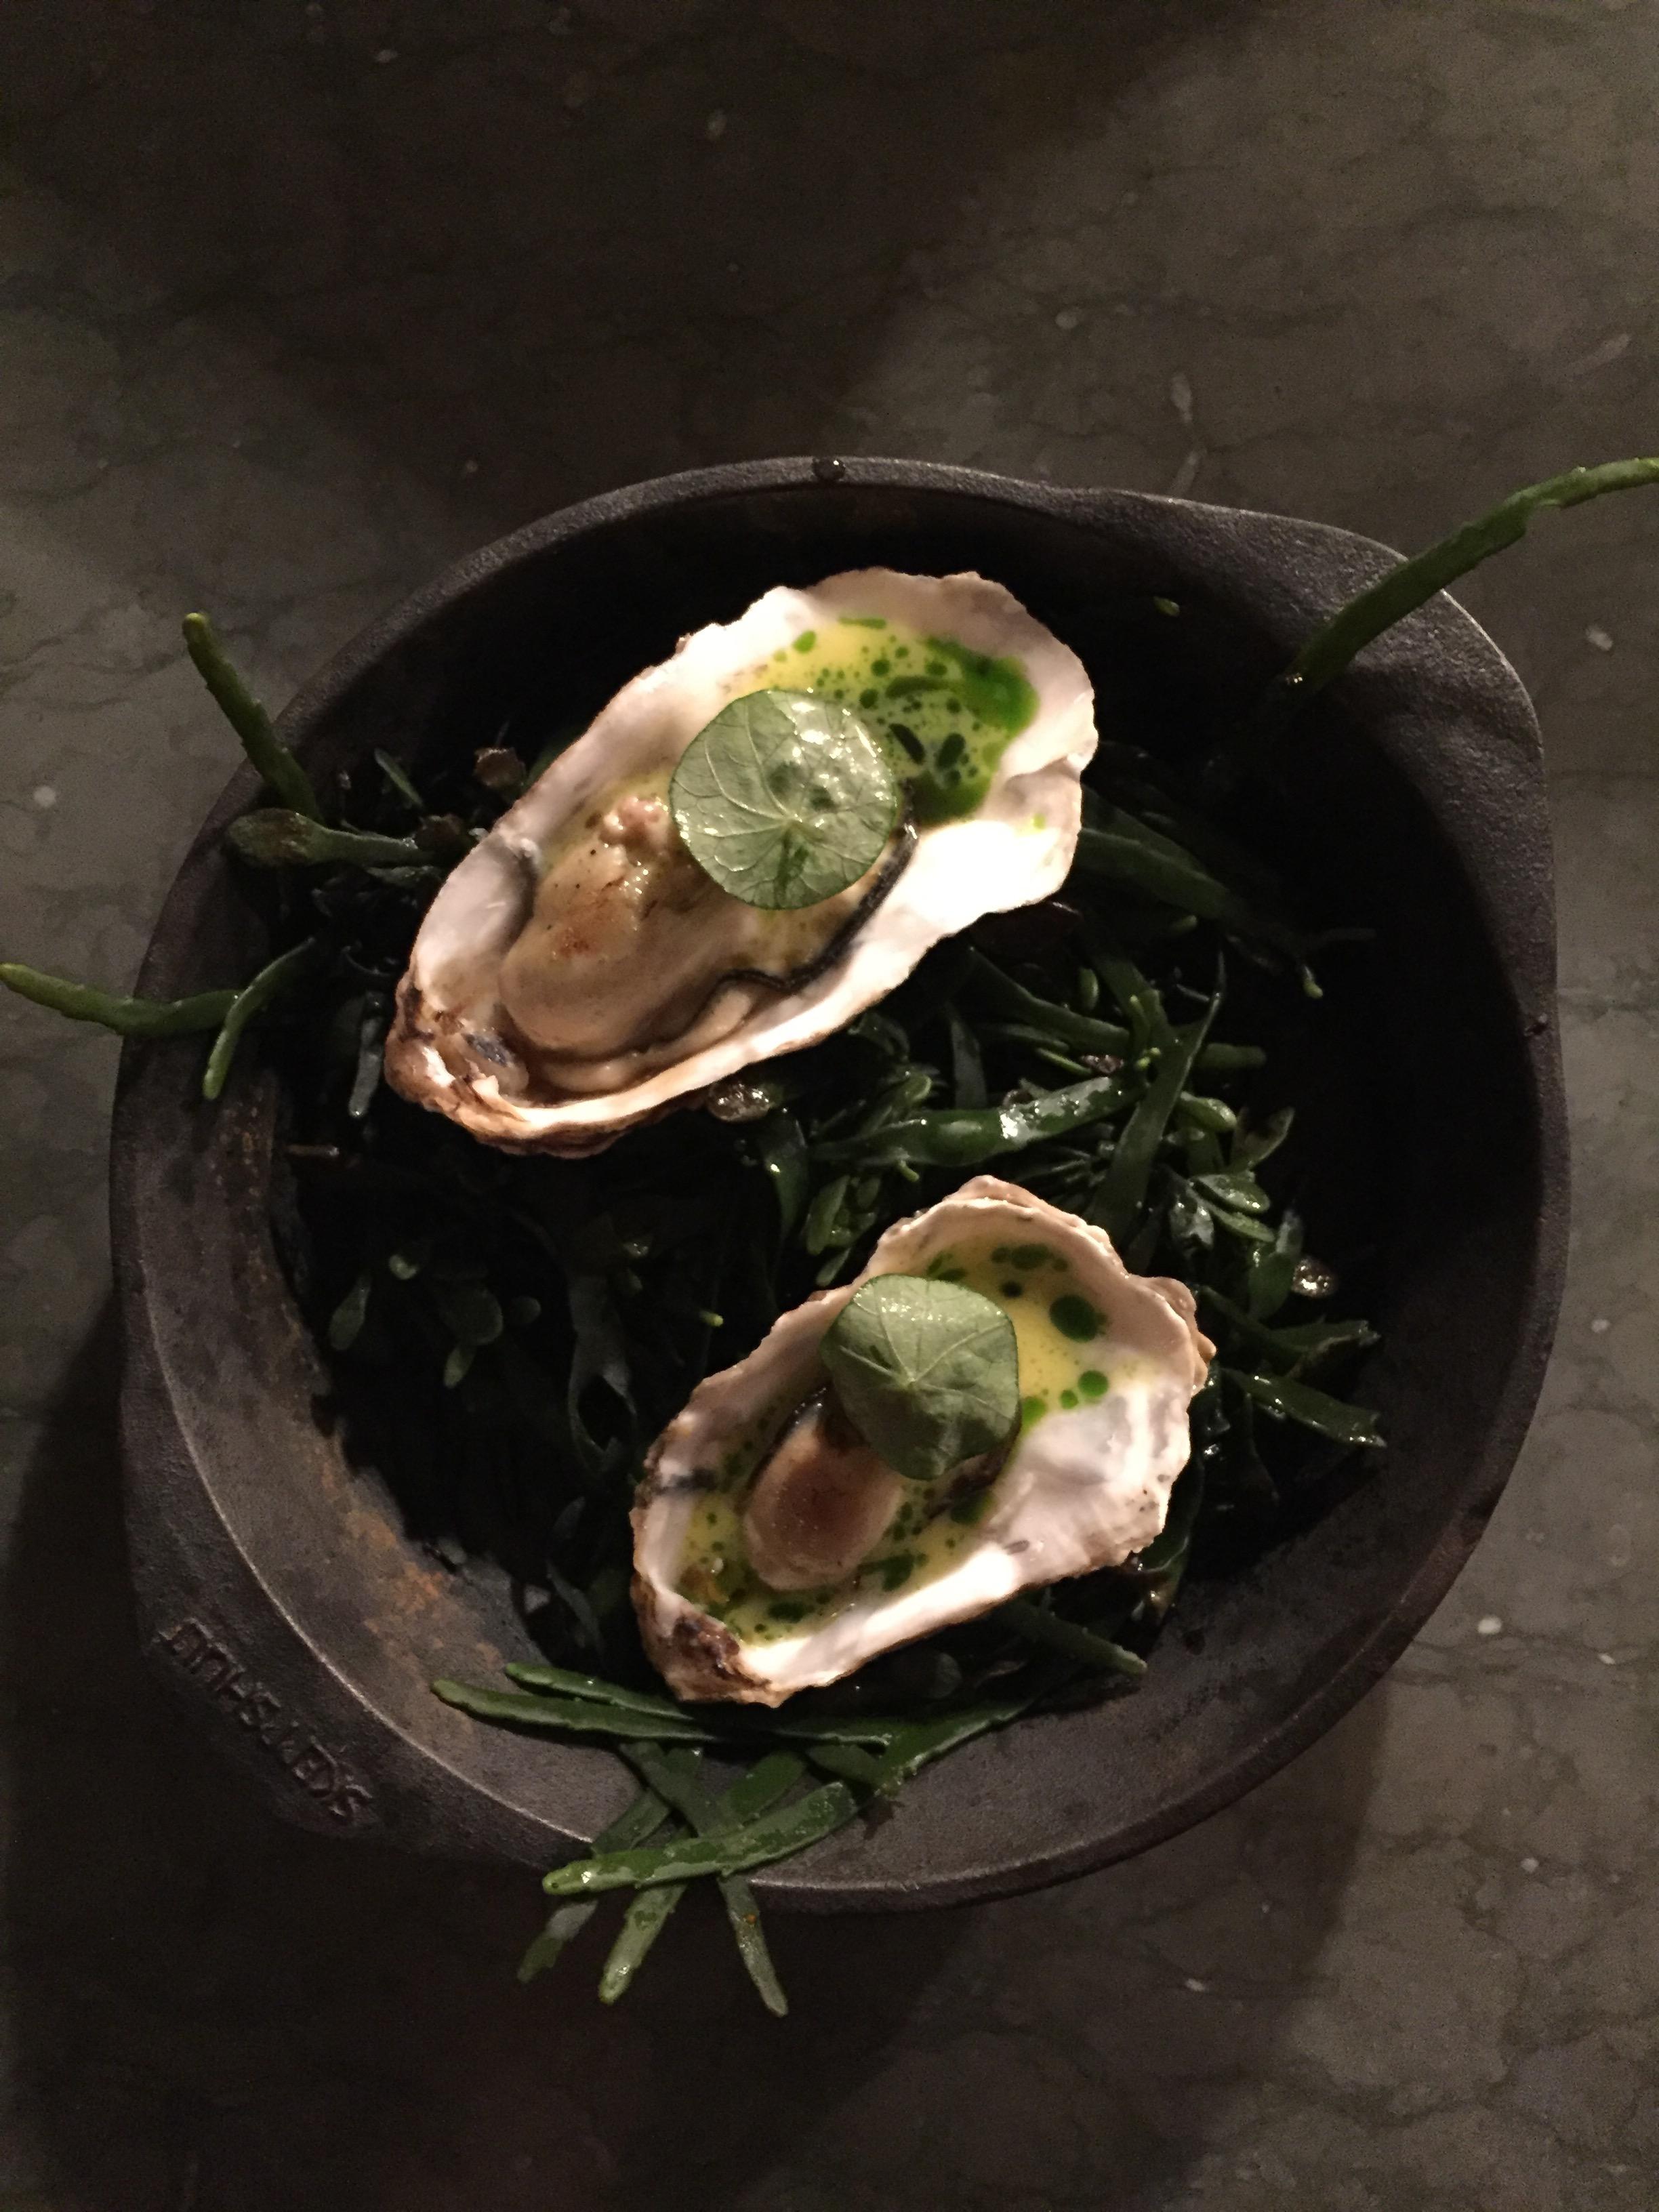 ekstedt flamed oysters 3